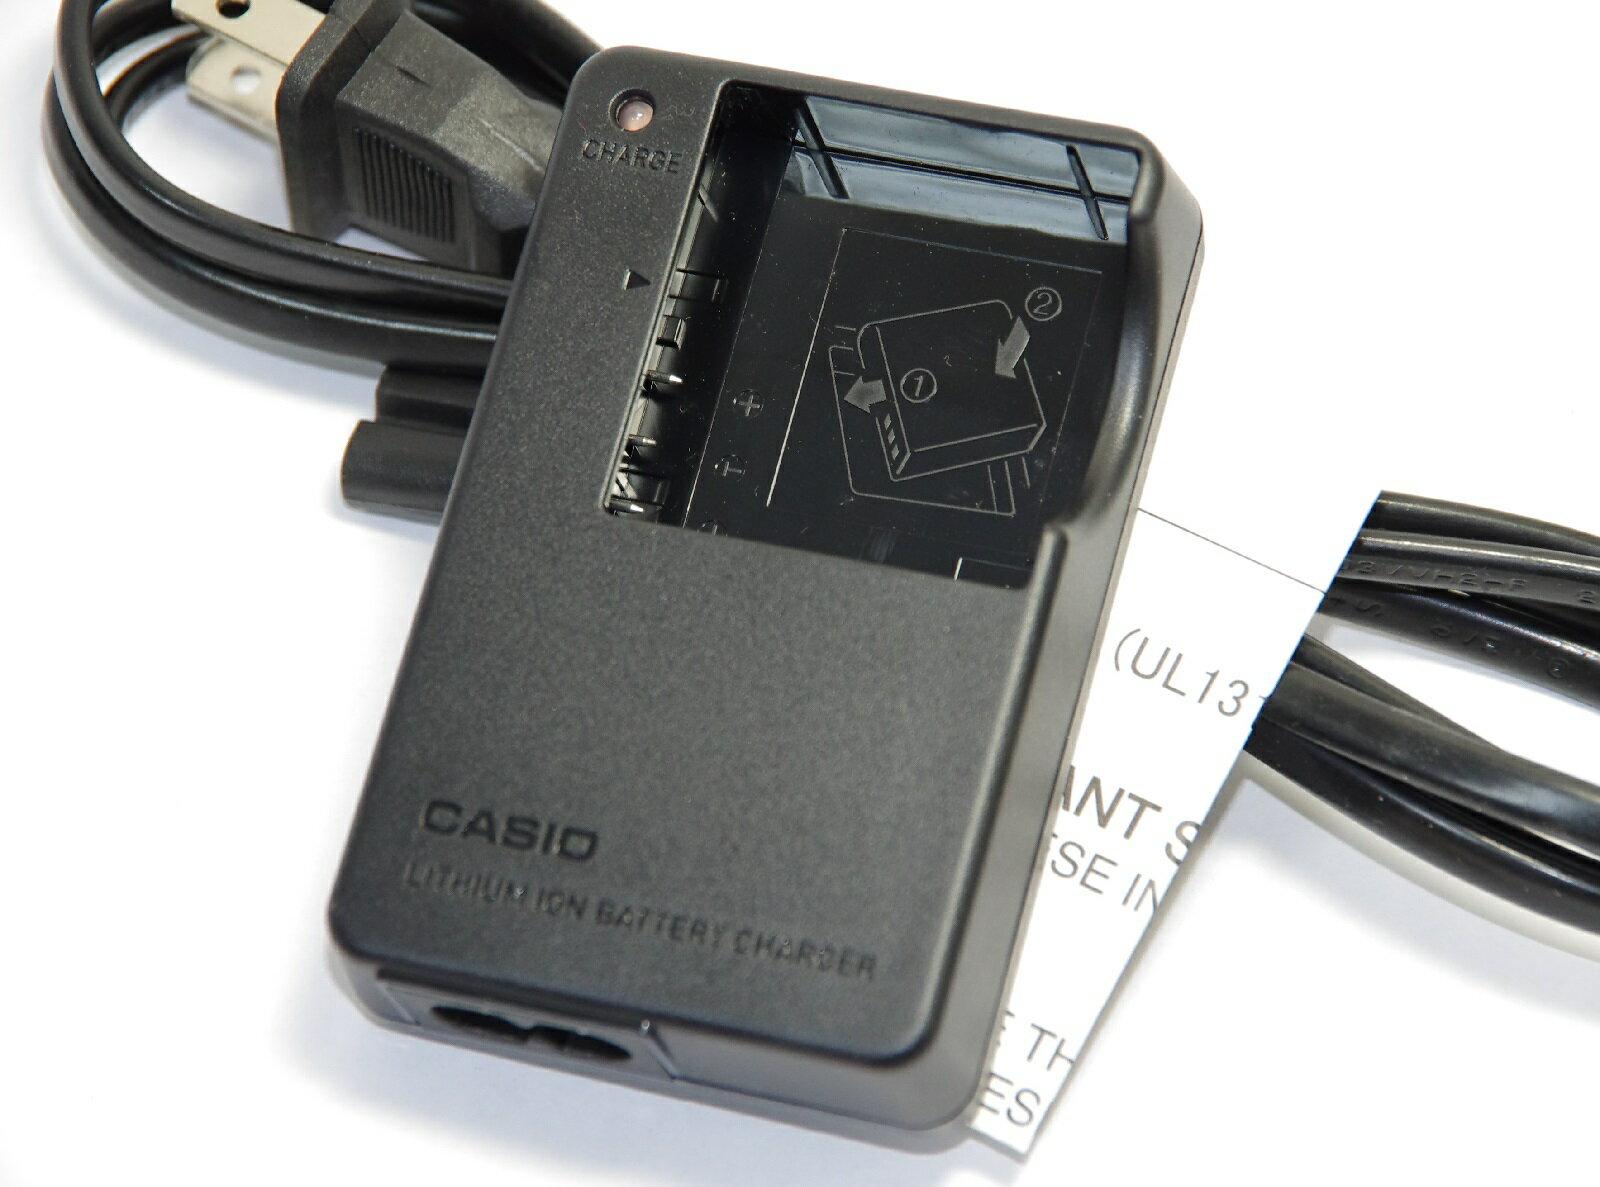 CASIO カシオ デジタルカメラ EXILIM用充電器 BC-31L NP-40対応バッテリーチャージャー あす楽対応